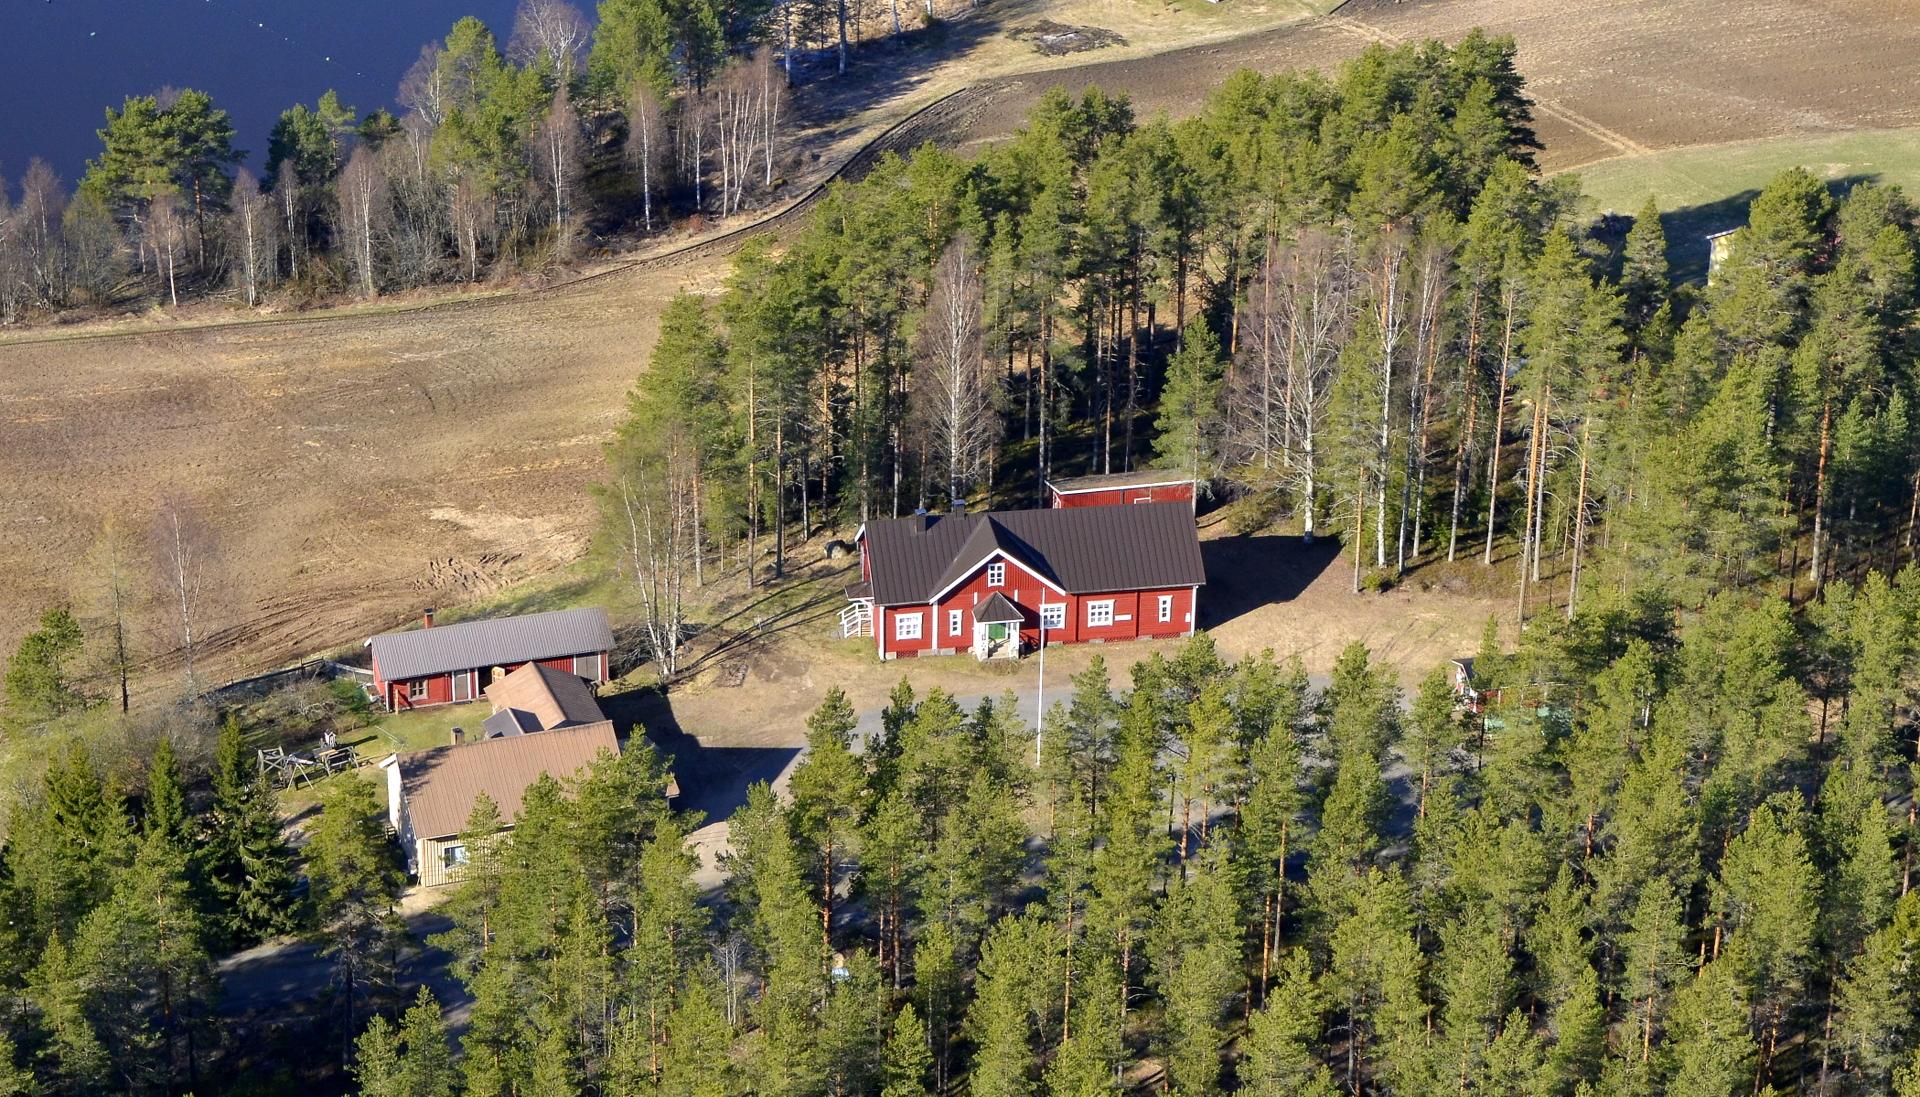 Tämä noin 100 vuotias kylätalo Huvikennäs on koko kylätoiminnan keskus ja silmäterä. Vieressä on Pasalan viimeisin toiminnassa olleen kyläkaupan rakennus.22.5.2020